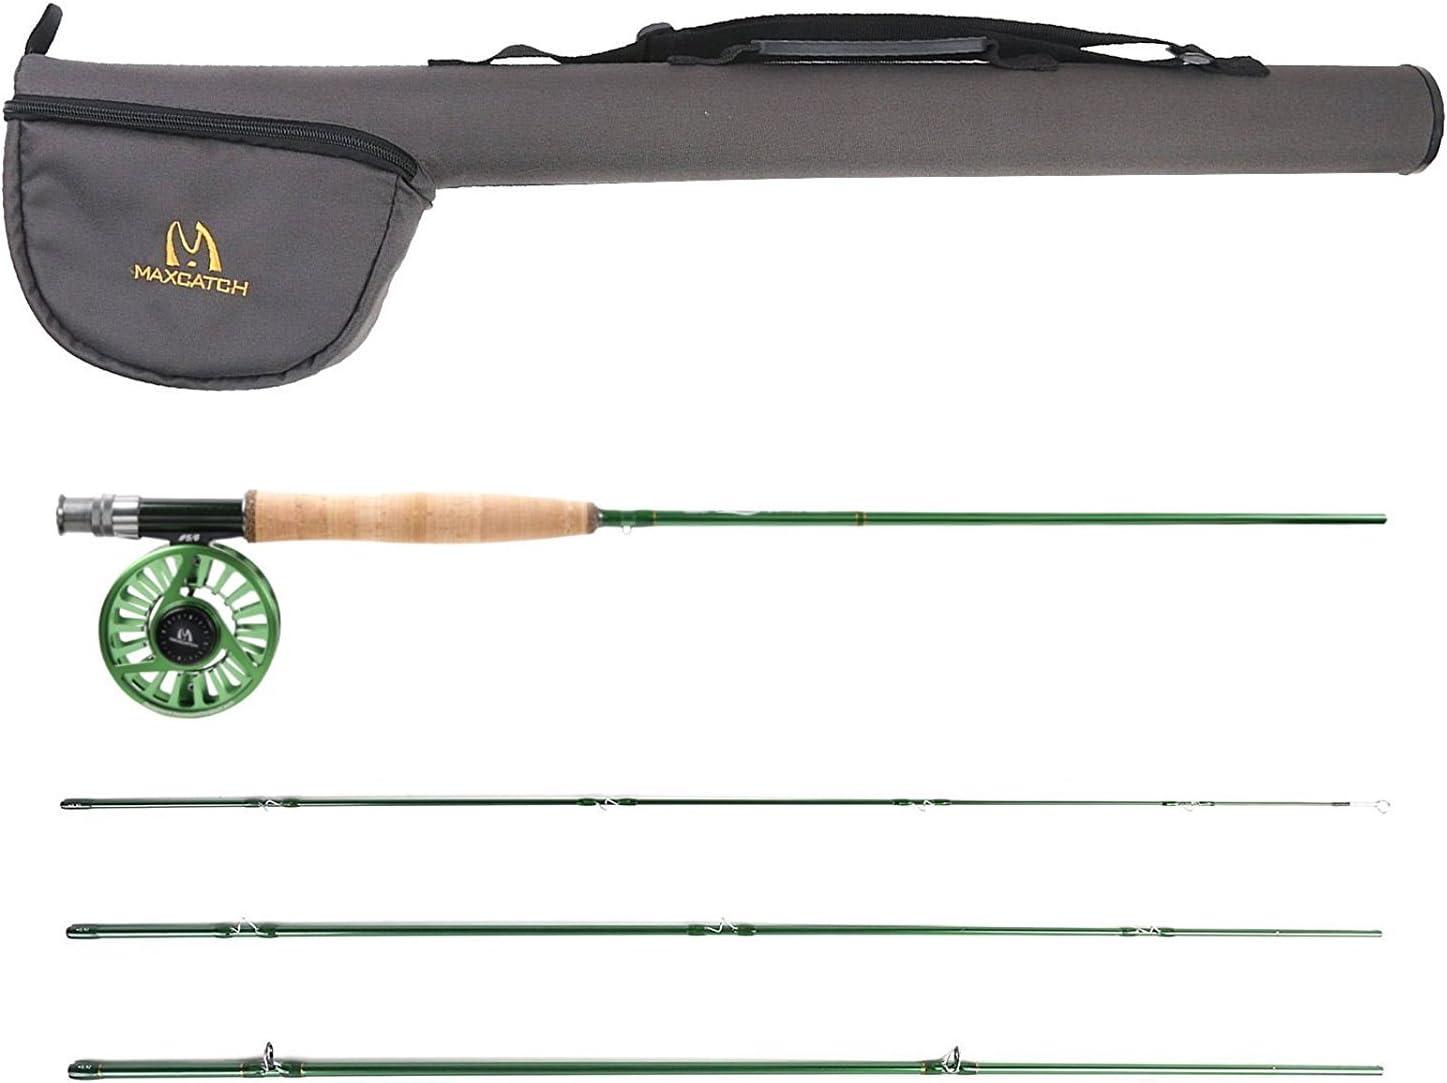 Maxcatch Premier フライロッド と Avidフライリール フライタックルセット(ロッドケース付き) 3/4,5/6,7/8wt ロッドリールセット 釣具セット モデル03+ロッドチューブ 8'6''4wt ロッド+3/4wt リール